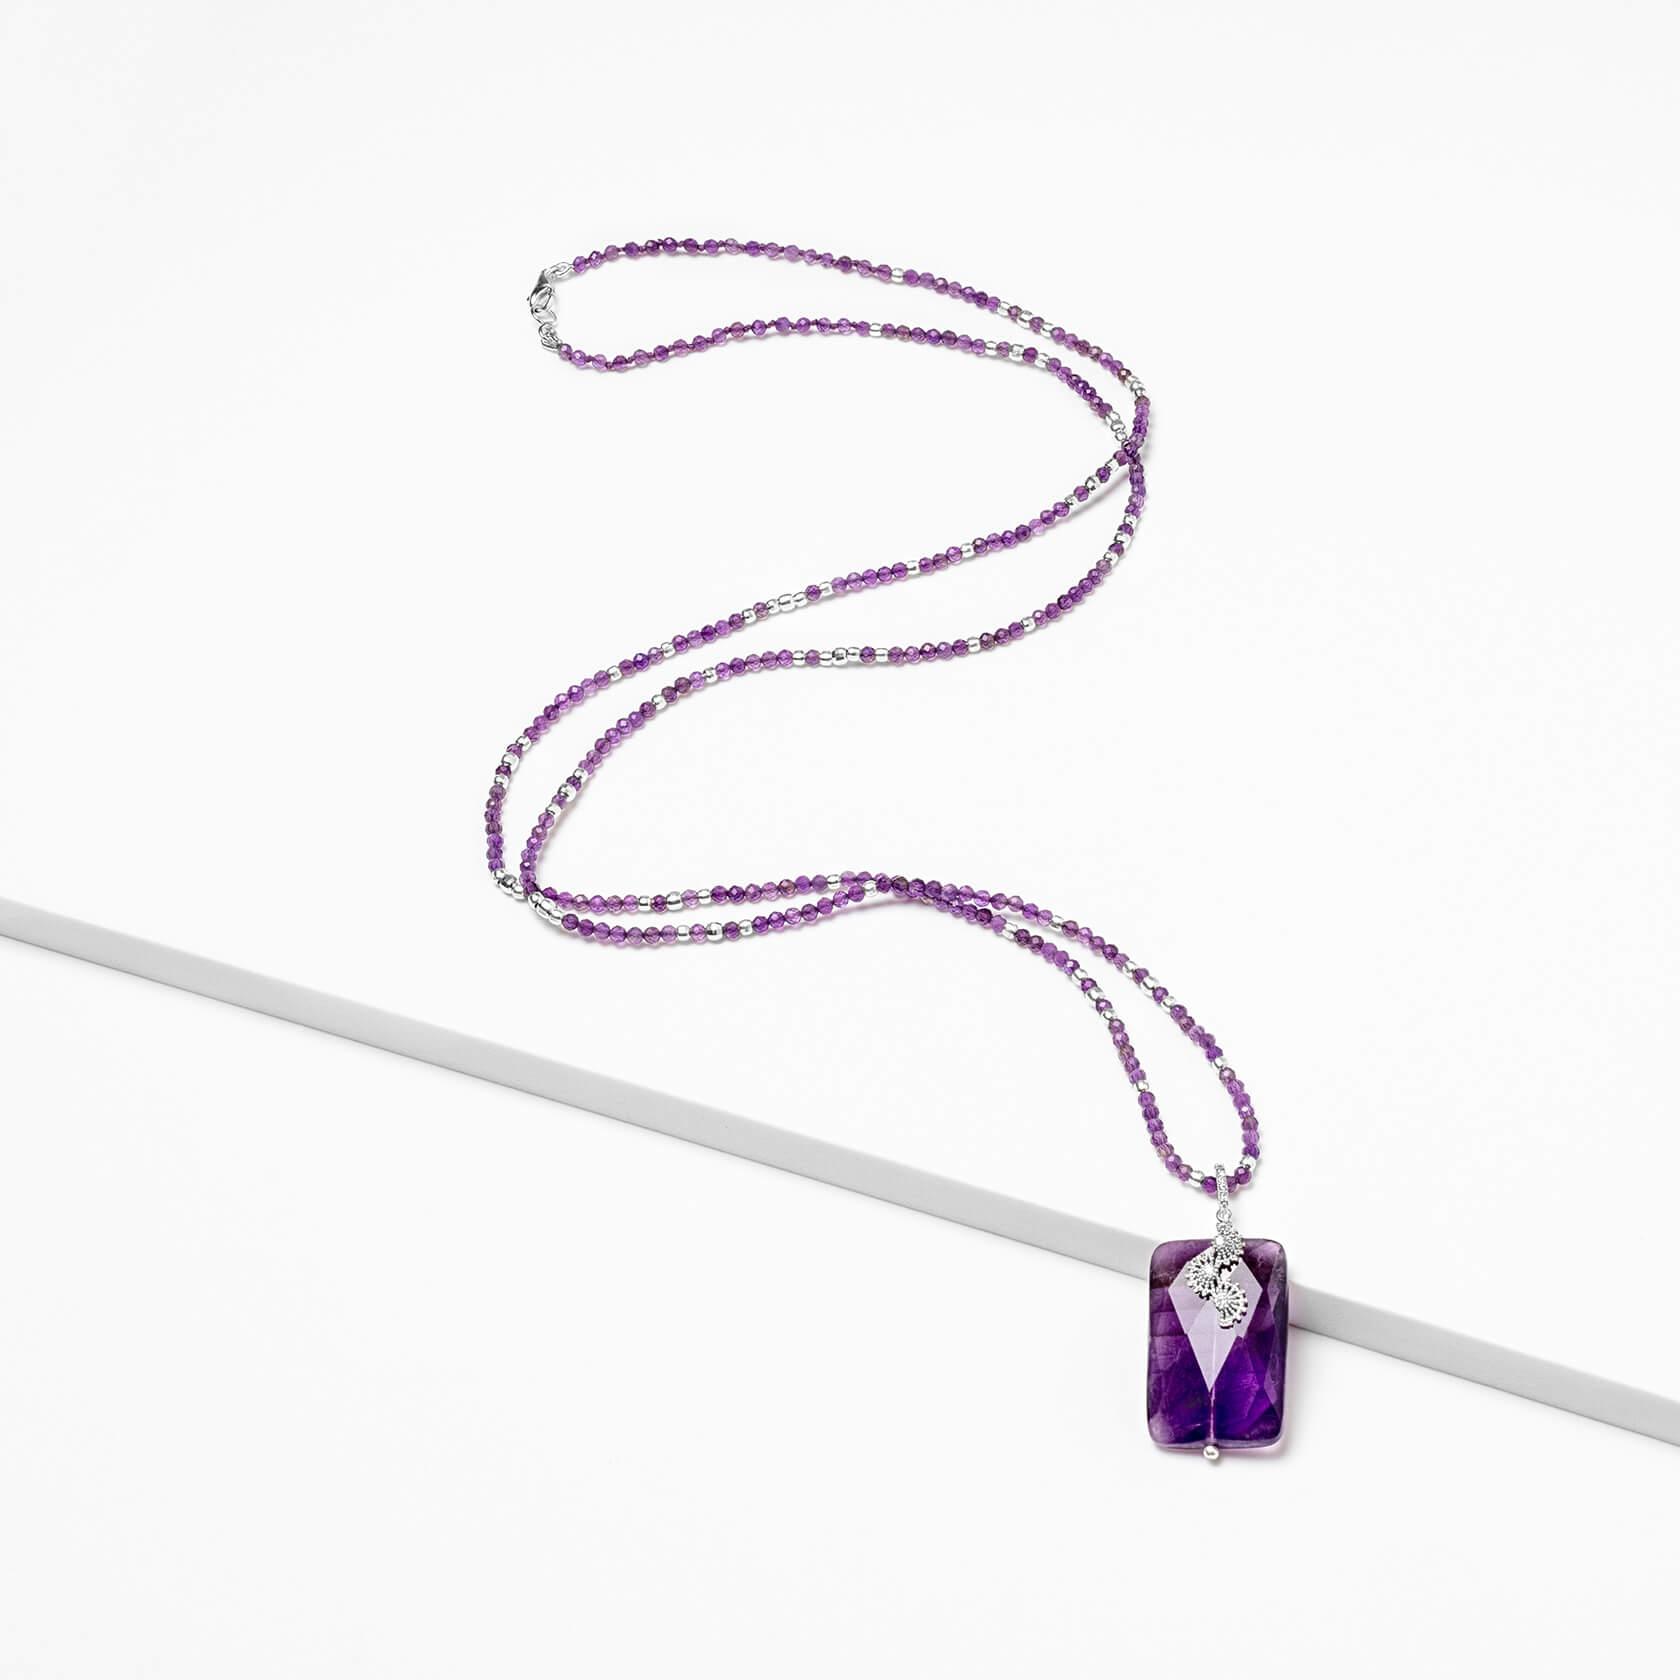 Sirocco amethyst necklace